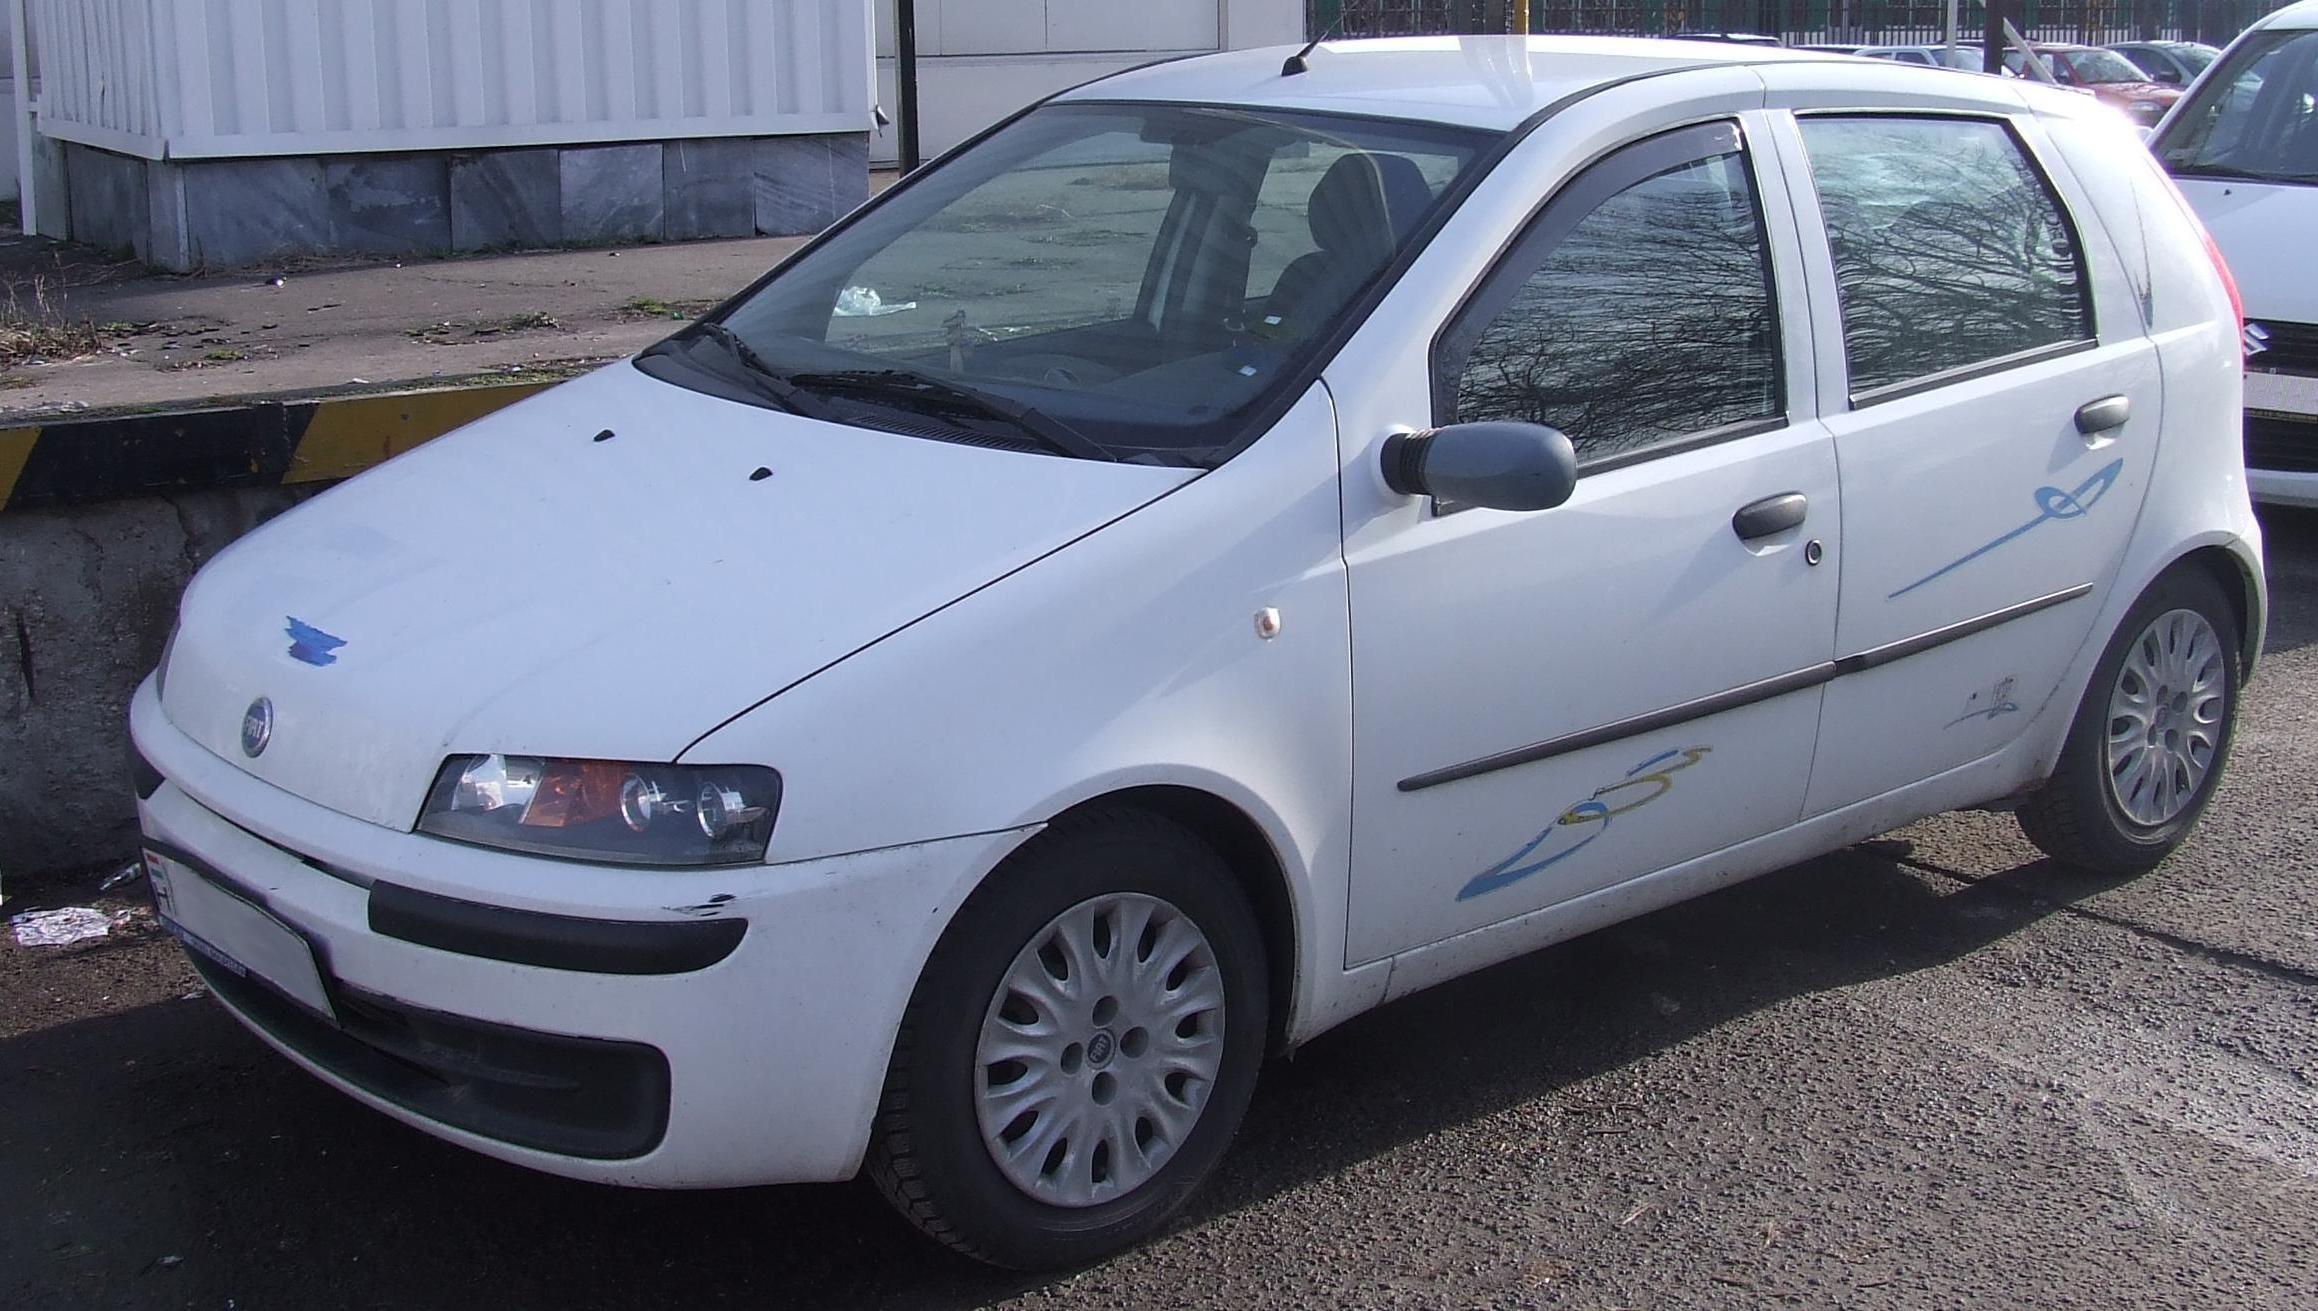 Horizontal Anhängerkupplung für FIAT Punto Auto - Lafuente ® on fiat x1/9, fiat barchetta, fiat coupe, fiat 500 turbo, fiat ritmo, fiat spider, fiat marea, fiat cars, fiat 500 abarth, fiat multipla, fiat seicento, fiat bravo, fiat linea, fiat stilo, fiat panda, fiat cinquecento, fiat 500l, fiat doblo,